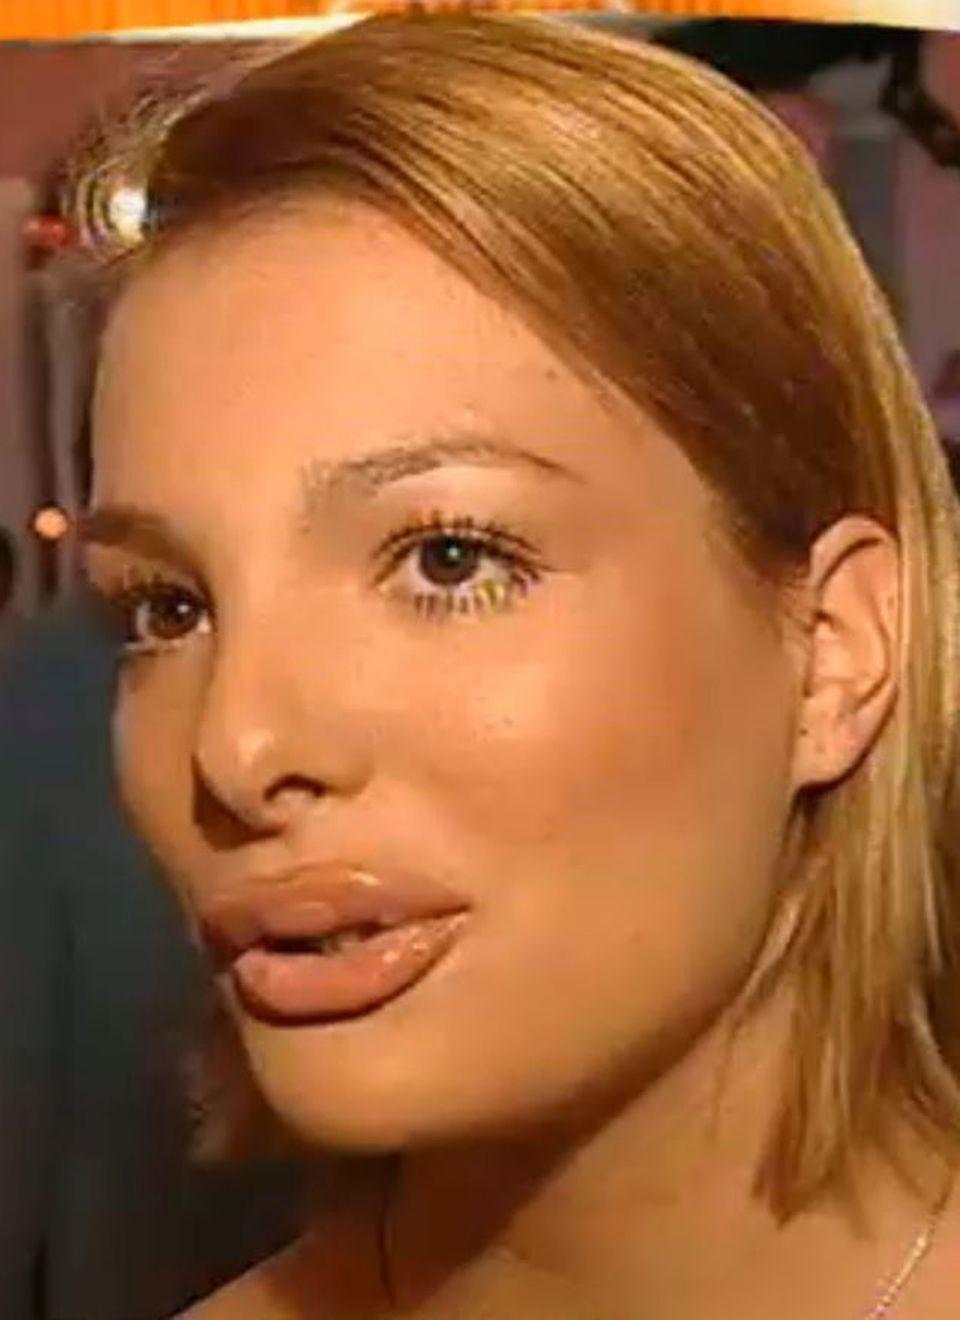 """Ihren Einfallsreichtum bewies Chiara Ohoven bereits mit 18 Jahren: Als sie bei einem RTL-Interview auf ihren """"kussfreundlichen"""" Mund angesprochen wird, lässt sie sich innerhalb von weniger Sekunden eine Ausrede einfallen, die Stefan Raab sogar in sein """"TV total""""-Programm aufnimmt. Sie behauptet nämlich, dass ihre Lippen nur durch ihre neue Haarfarbe, das helle Blond, mehr zur Optik kommen würden. Warum also noch zum Beauty-Doc, wenn der Friseur anscheinend ähnliche Wunder bewirken kann?!"""